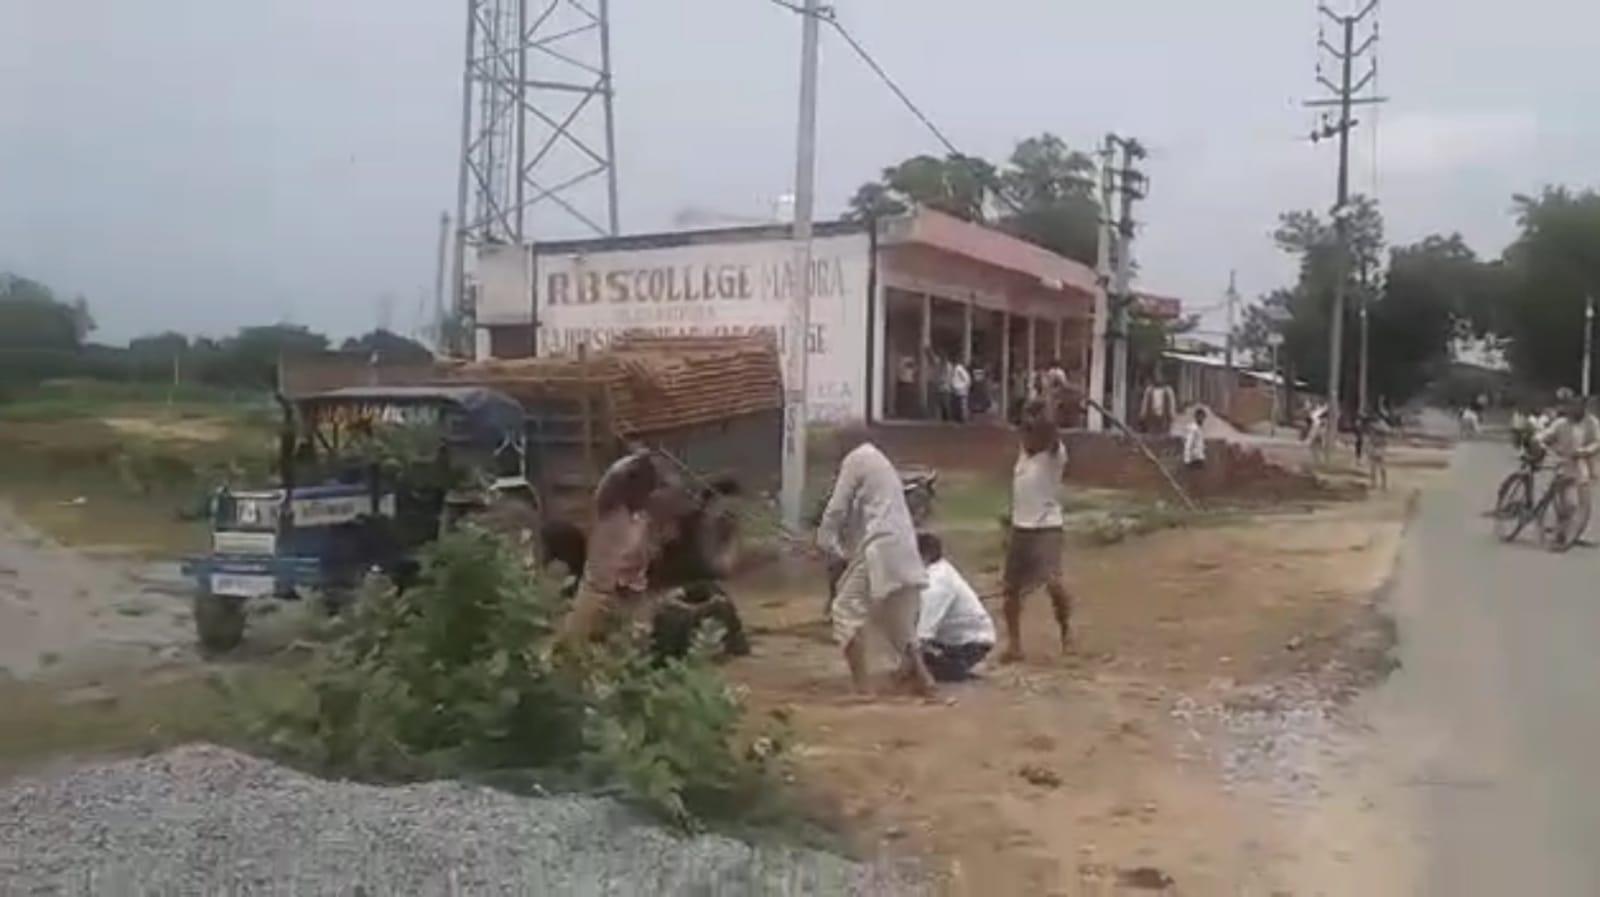 ट्रॉली खड़ी करने को लेकर दो भाइयों में हुआ विवाद, दोनों में जमकर चले लाठी-डंडे; पुलिस ने दोनों को हिरासत में लिया मथुरा,Mathura - Dainik Bhaskar